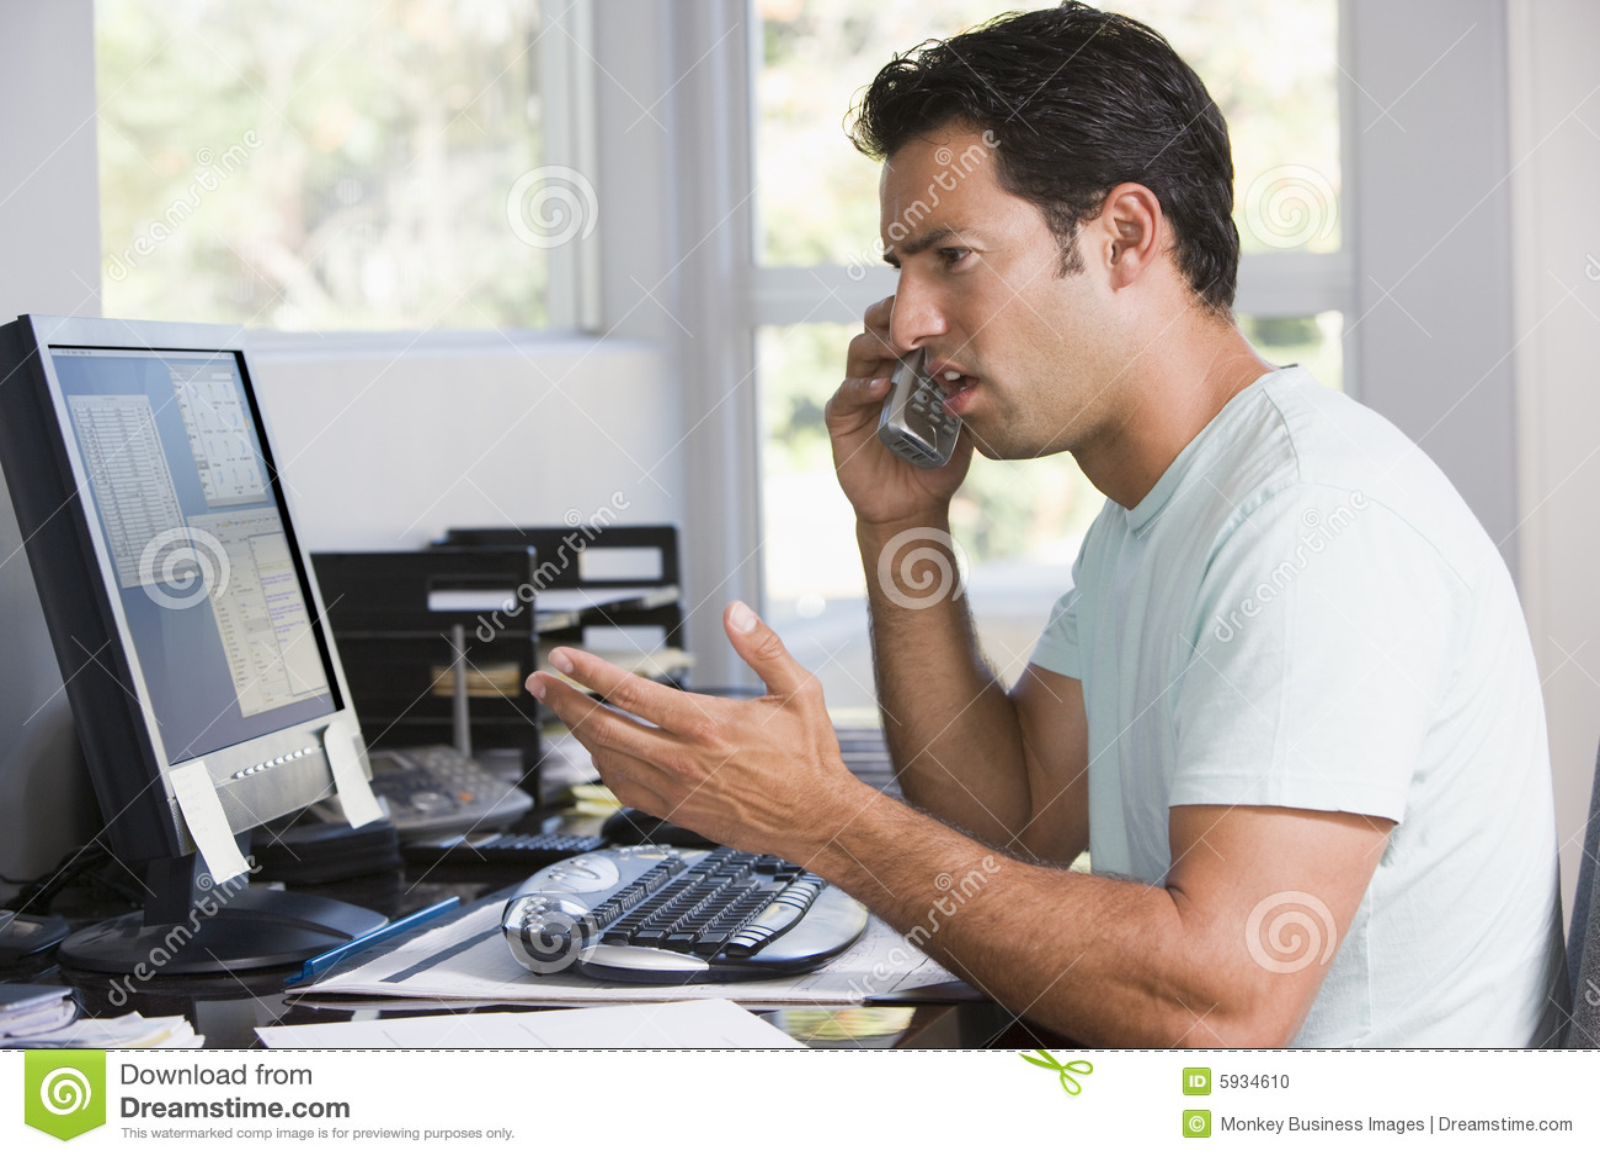 Komputer domu mężczyzna telefonu do biura